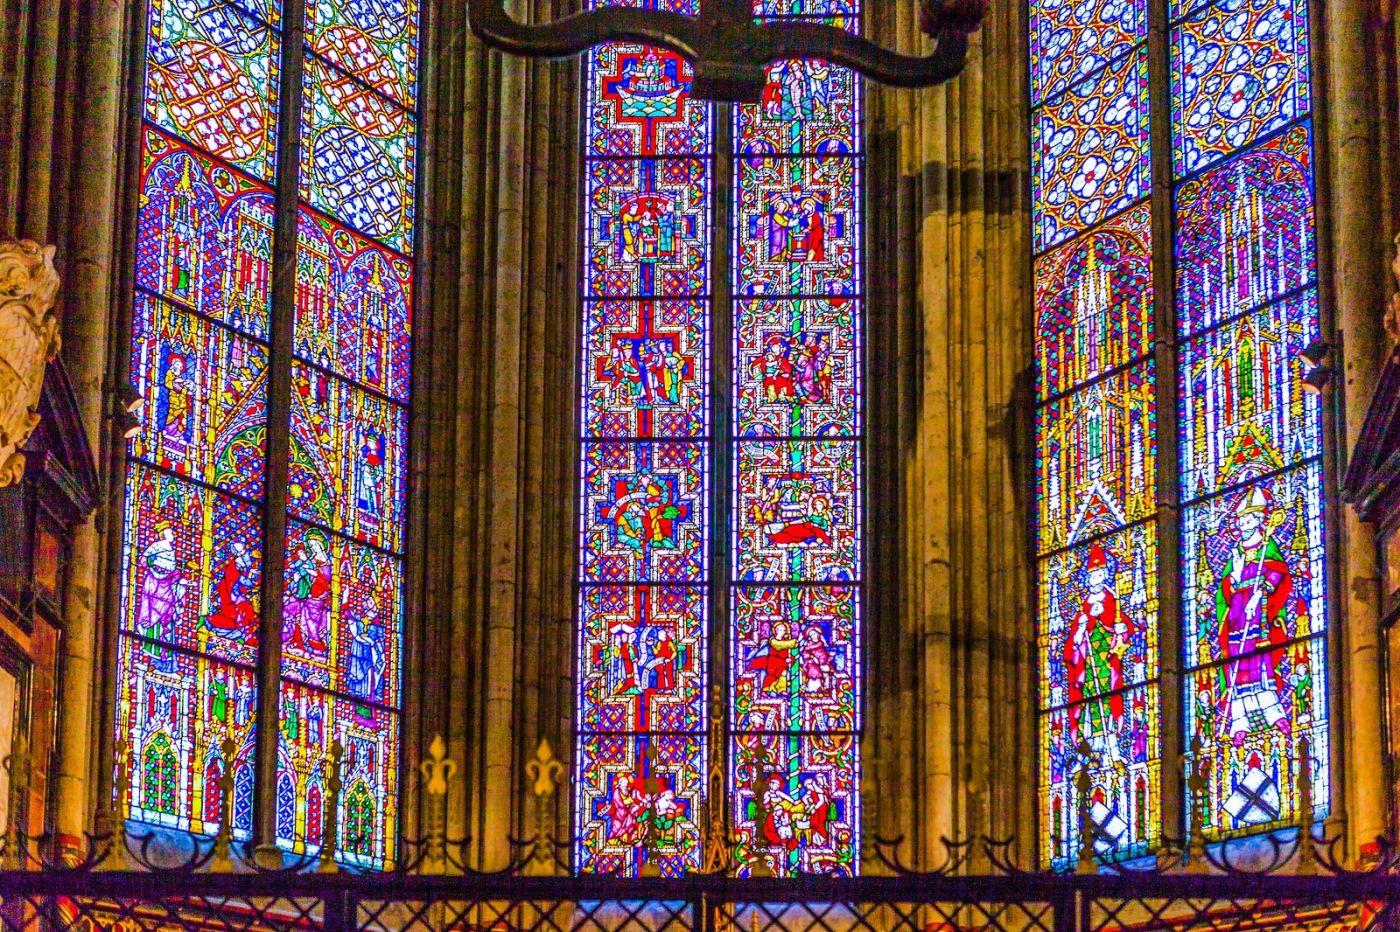 德国科隆大教堂,独一无二的窗户玻璃_图1-5